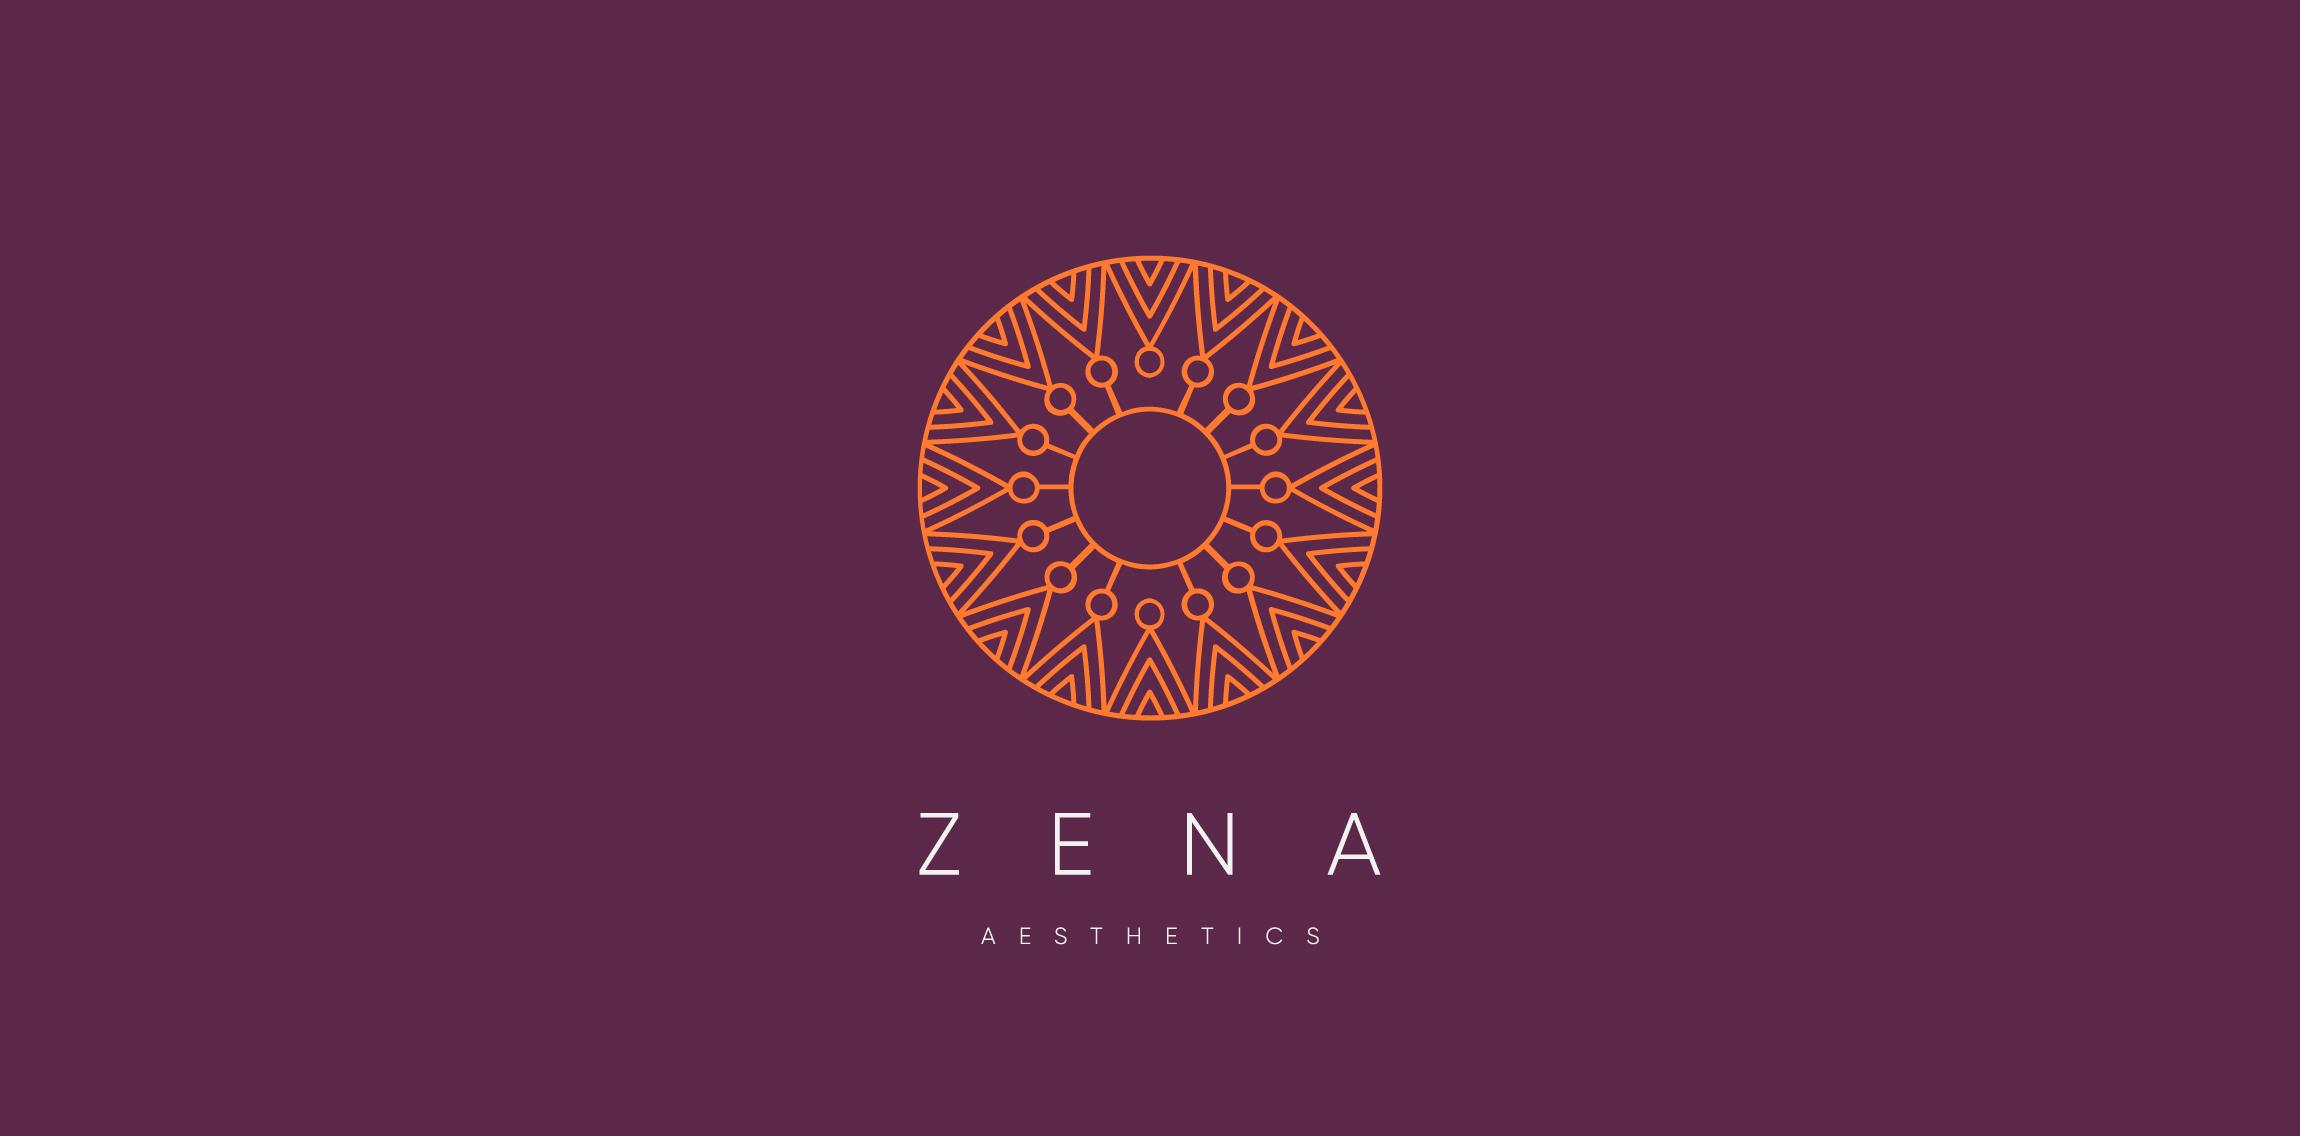 Zena Aesthetics